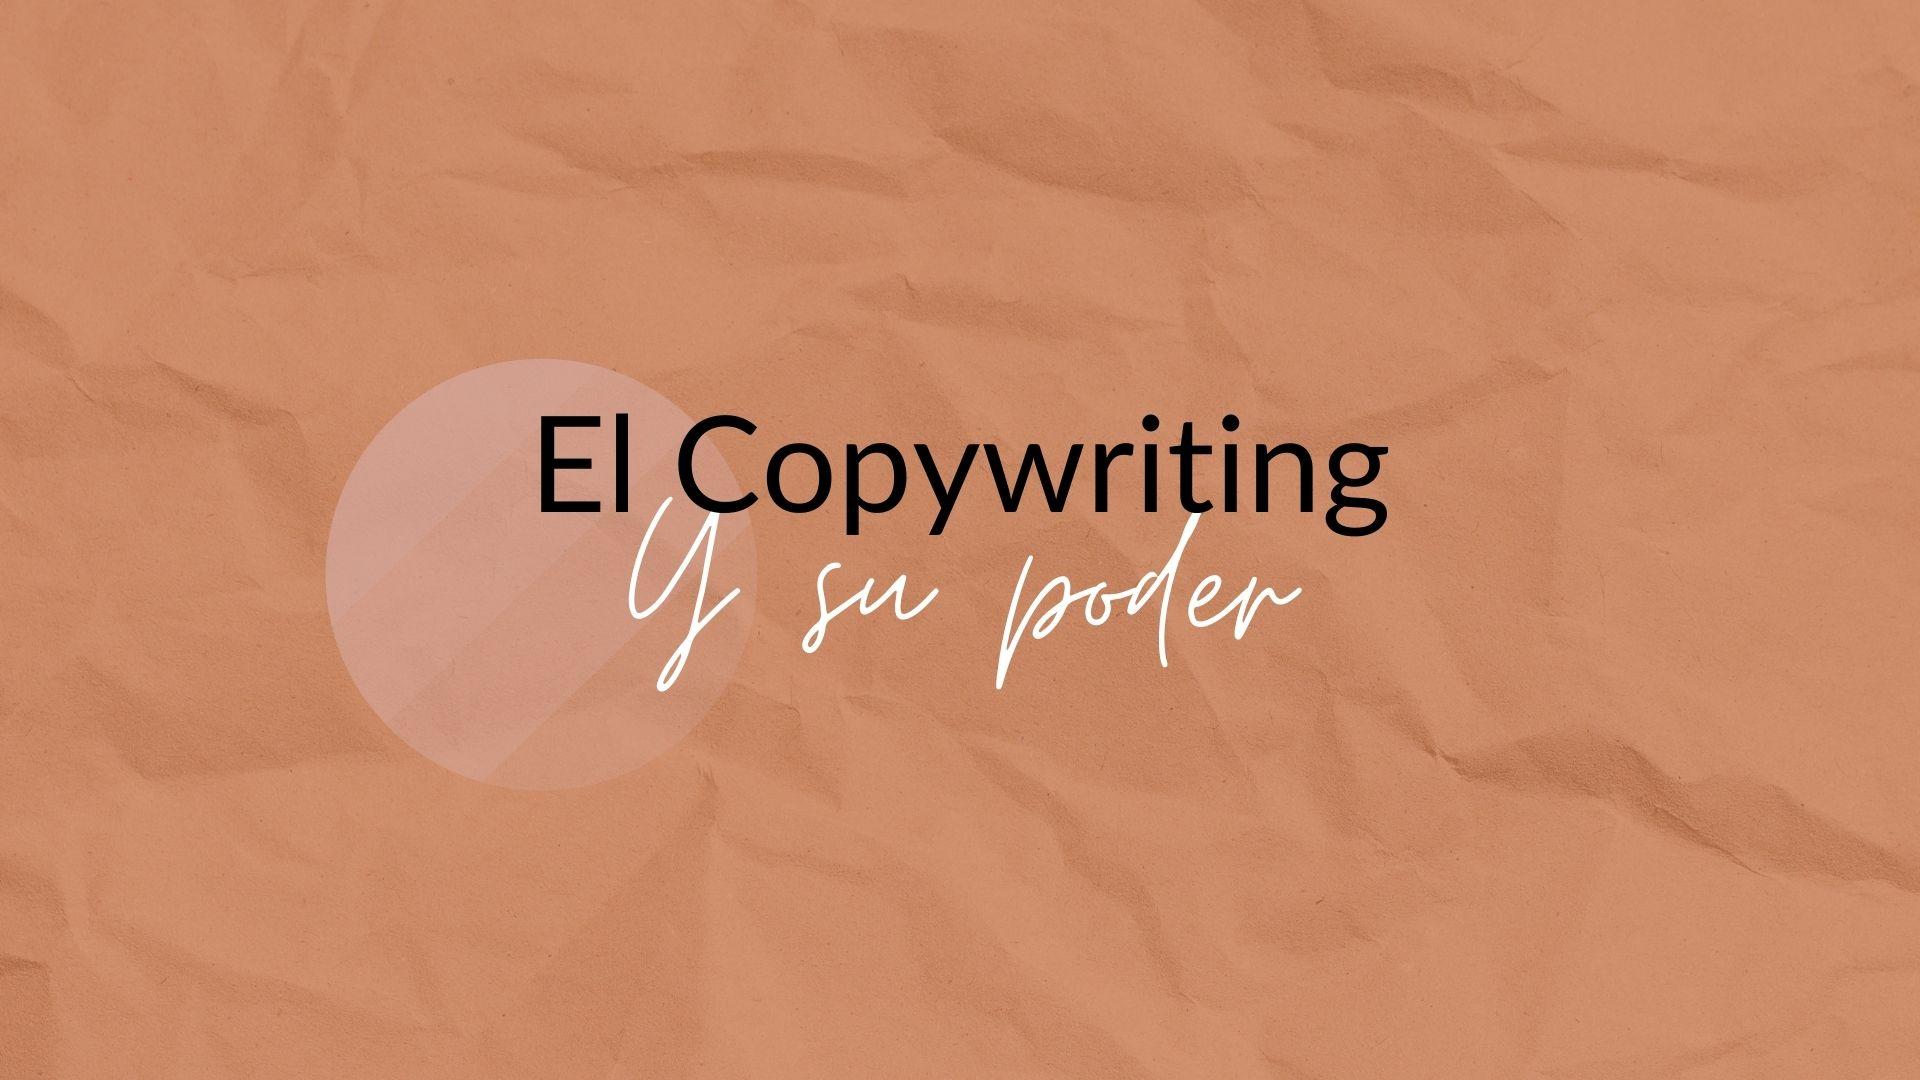 Copywriting y su poder fondo naranja titulo